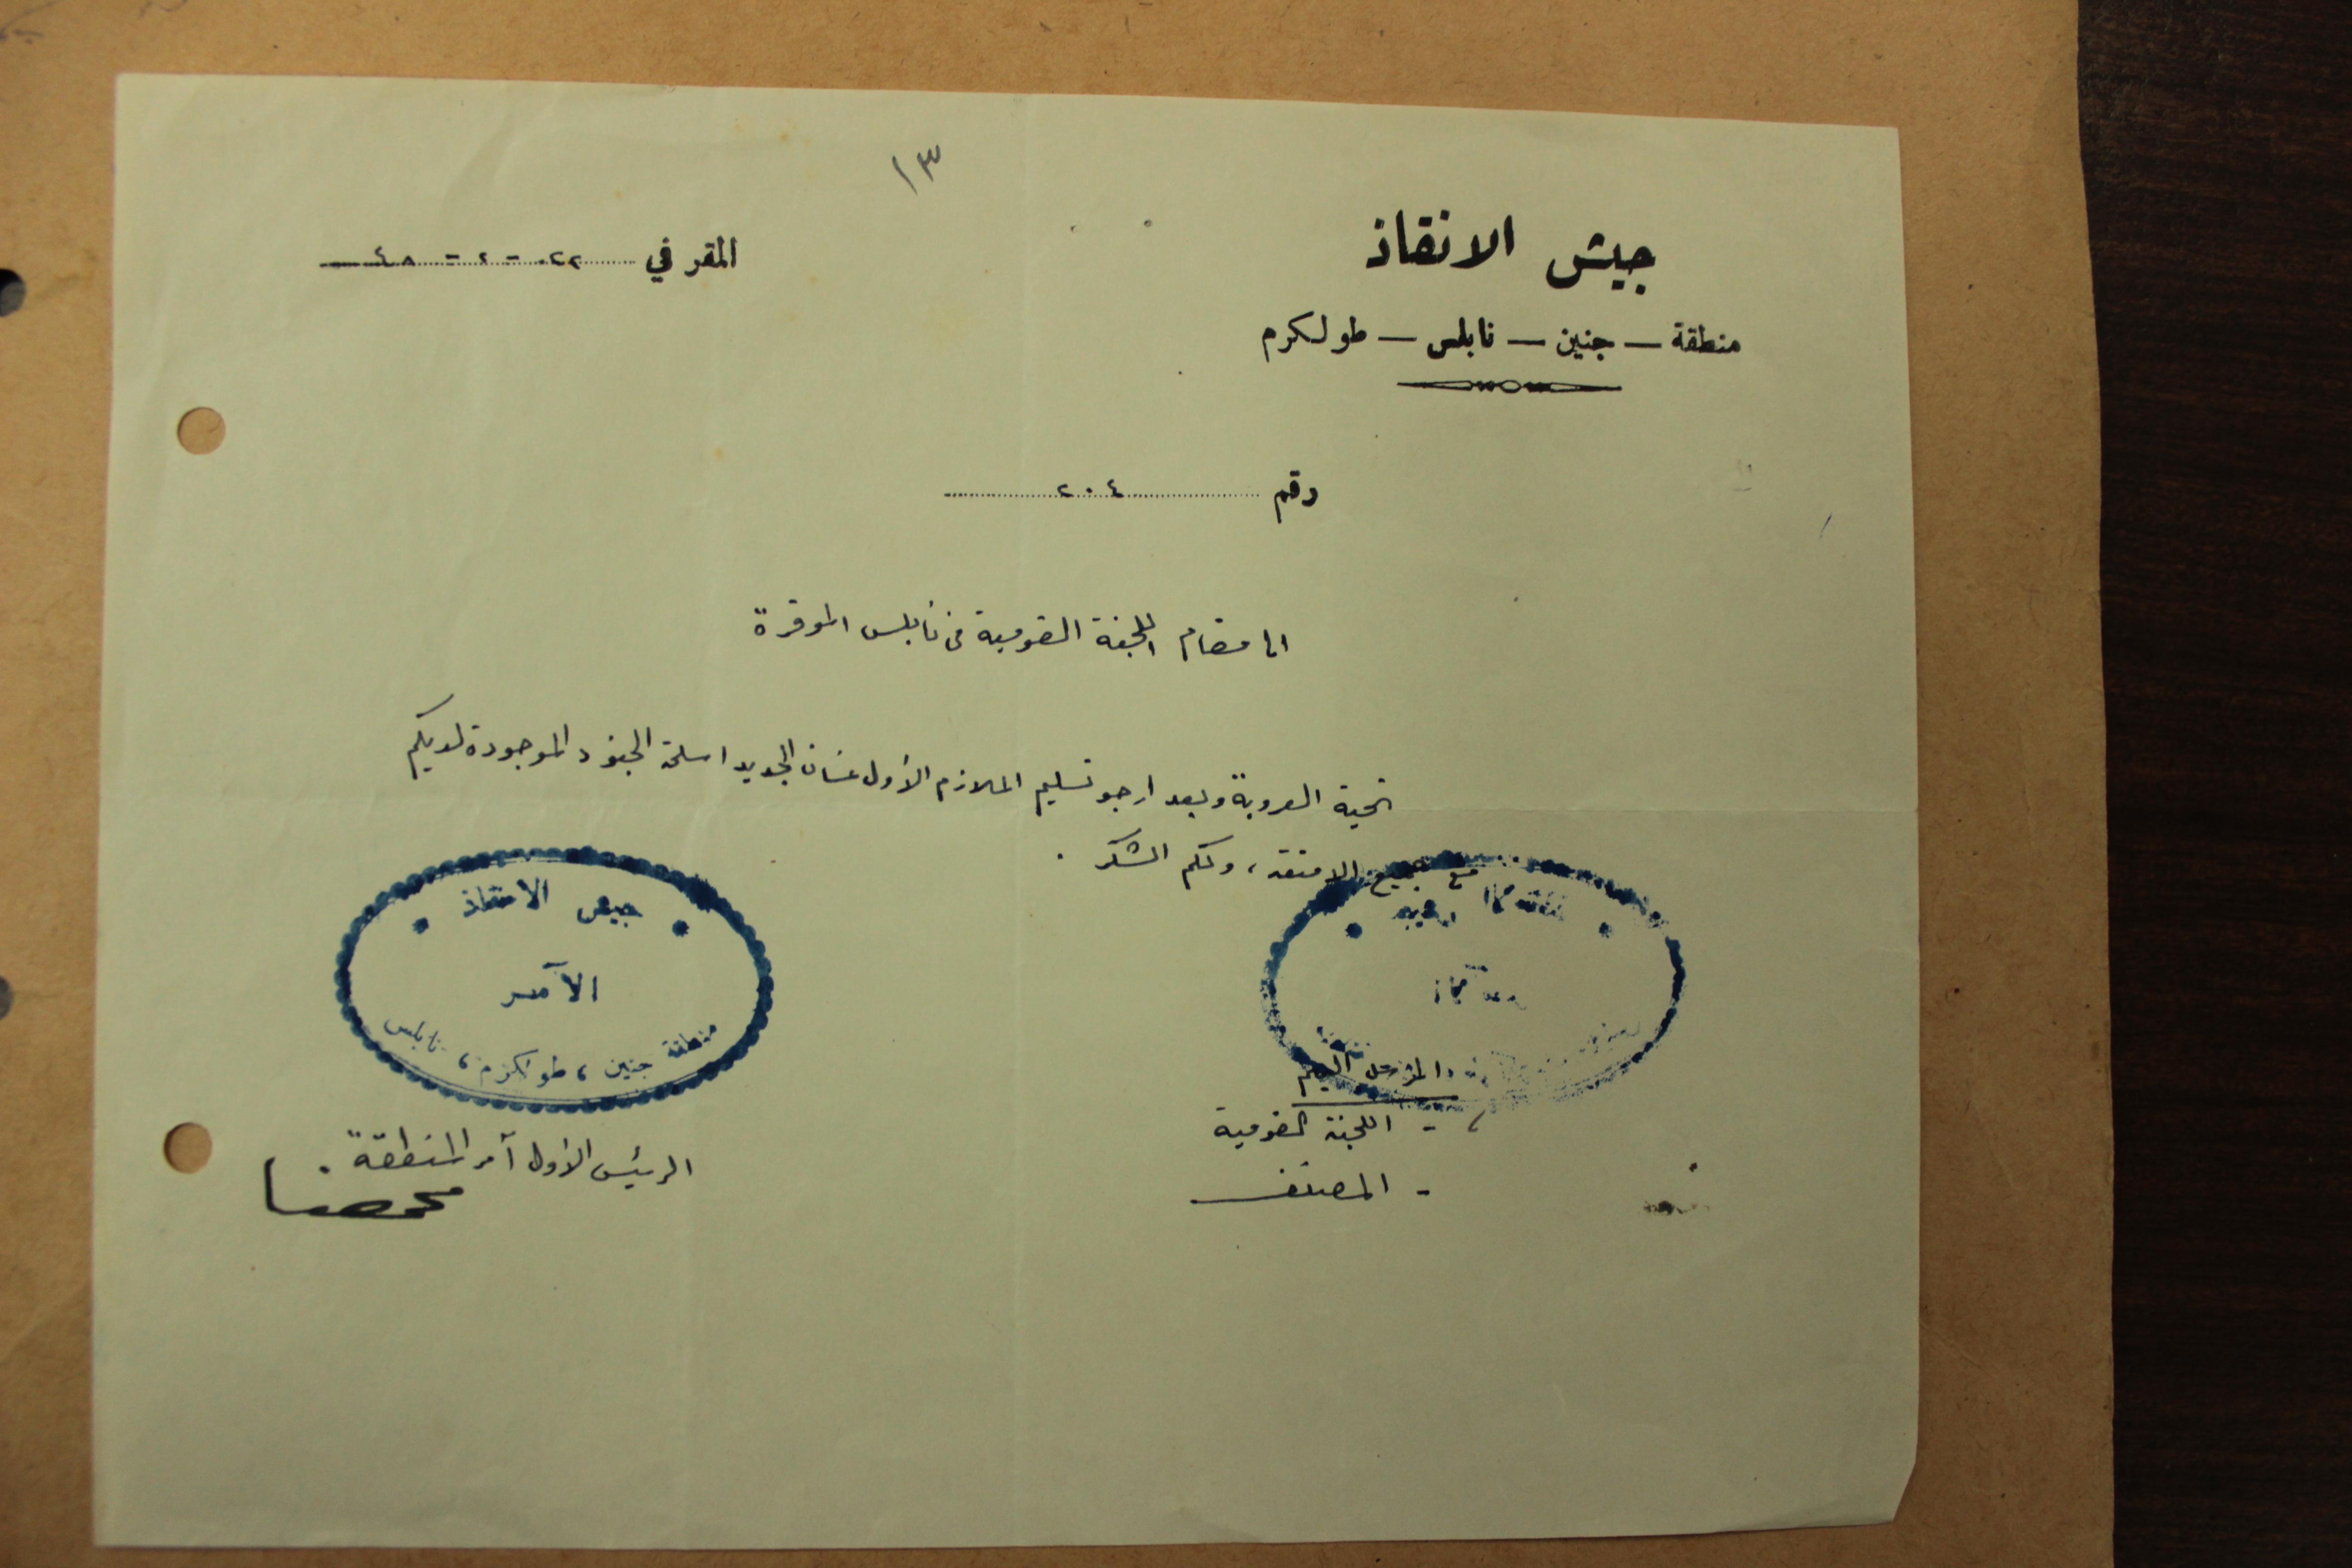 جبهة الانقاذ الخاصة بالشؤون العسكرية عام 1948 (14).JPG